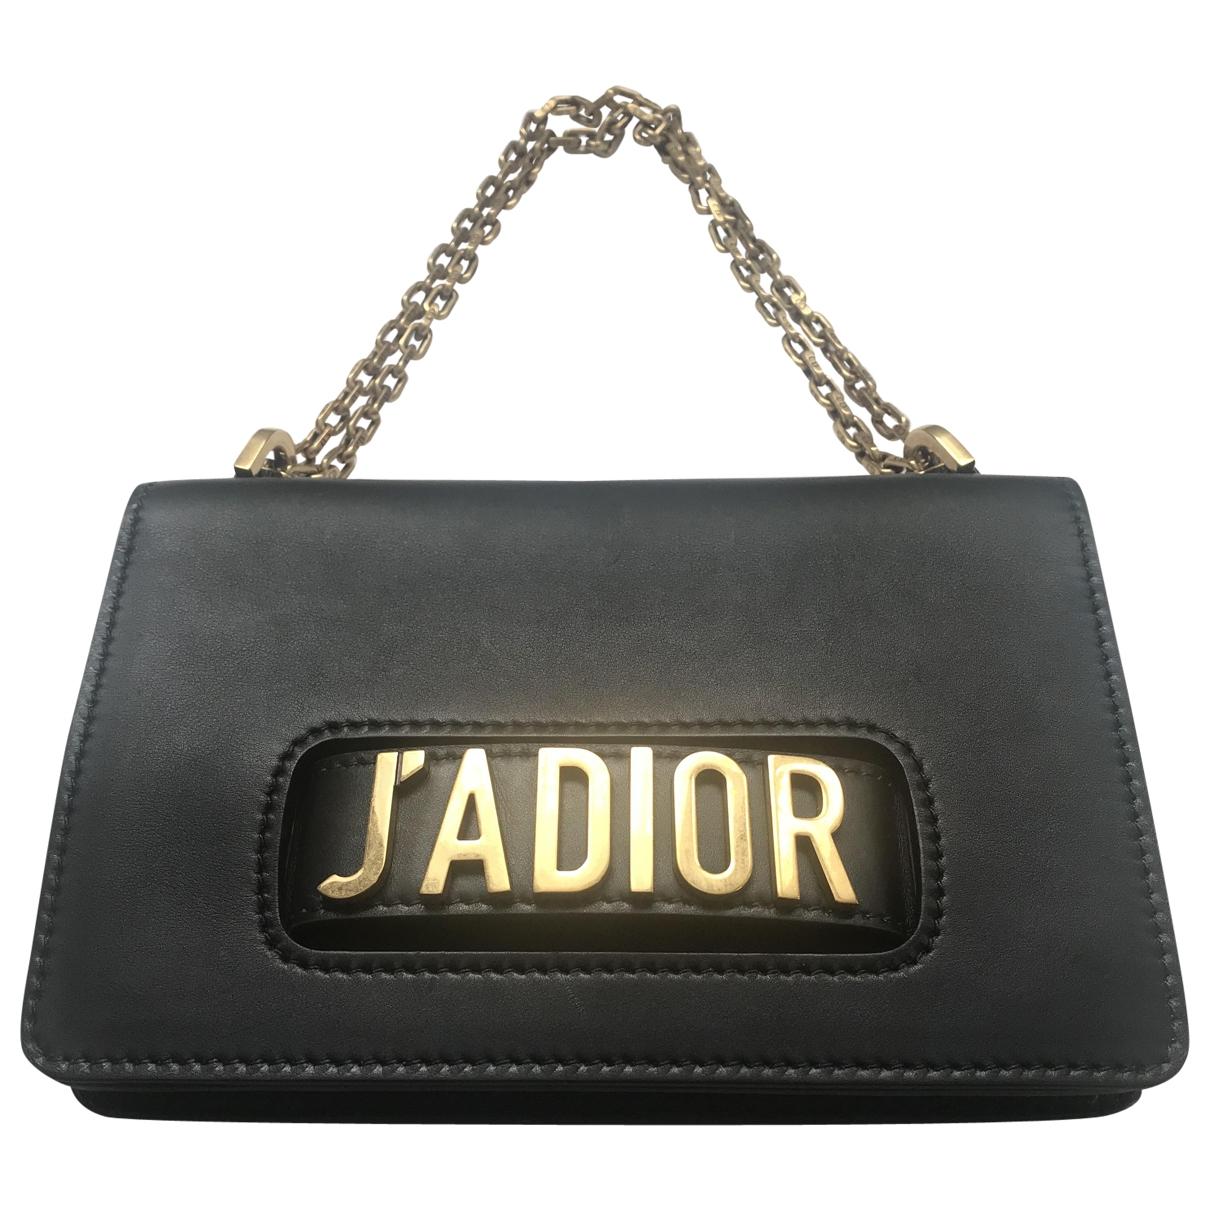 Dior - Sac a main Jadior pour femme en cuir - noir